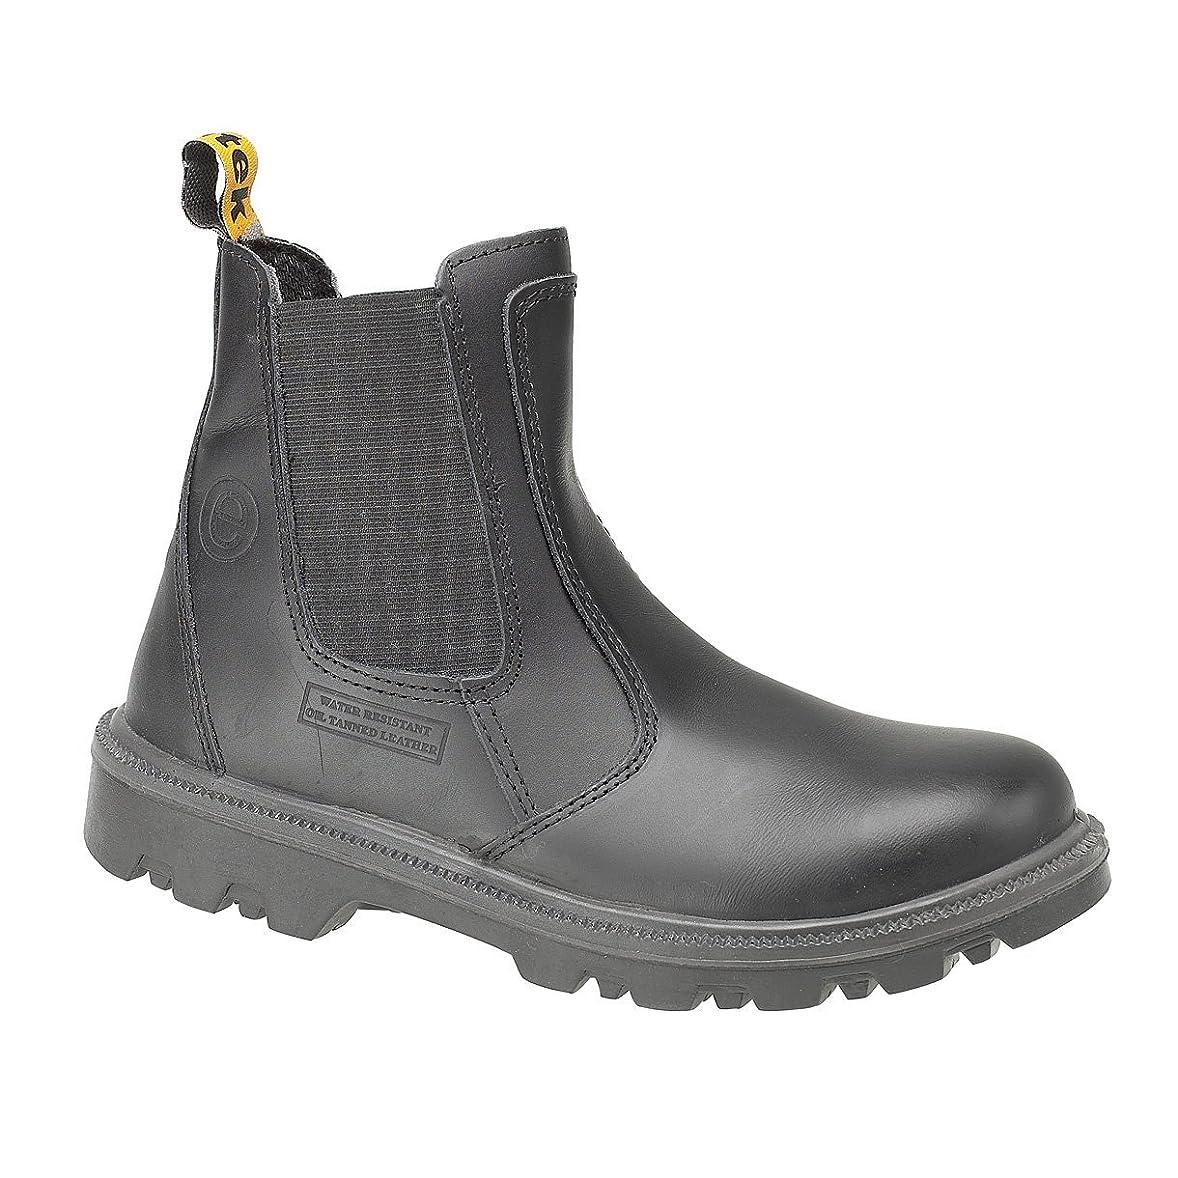 エミュレートする章バナナ(12 UK, Black) - Centek FS129 Safety Dealer / Mens Boots / Dealers Safety